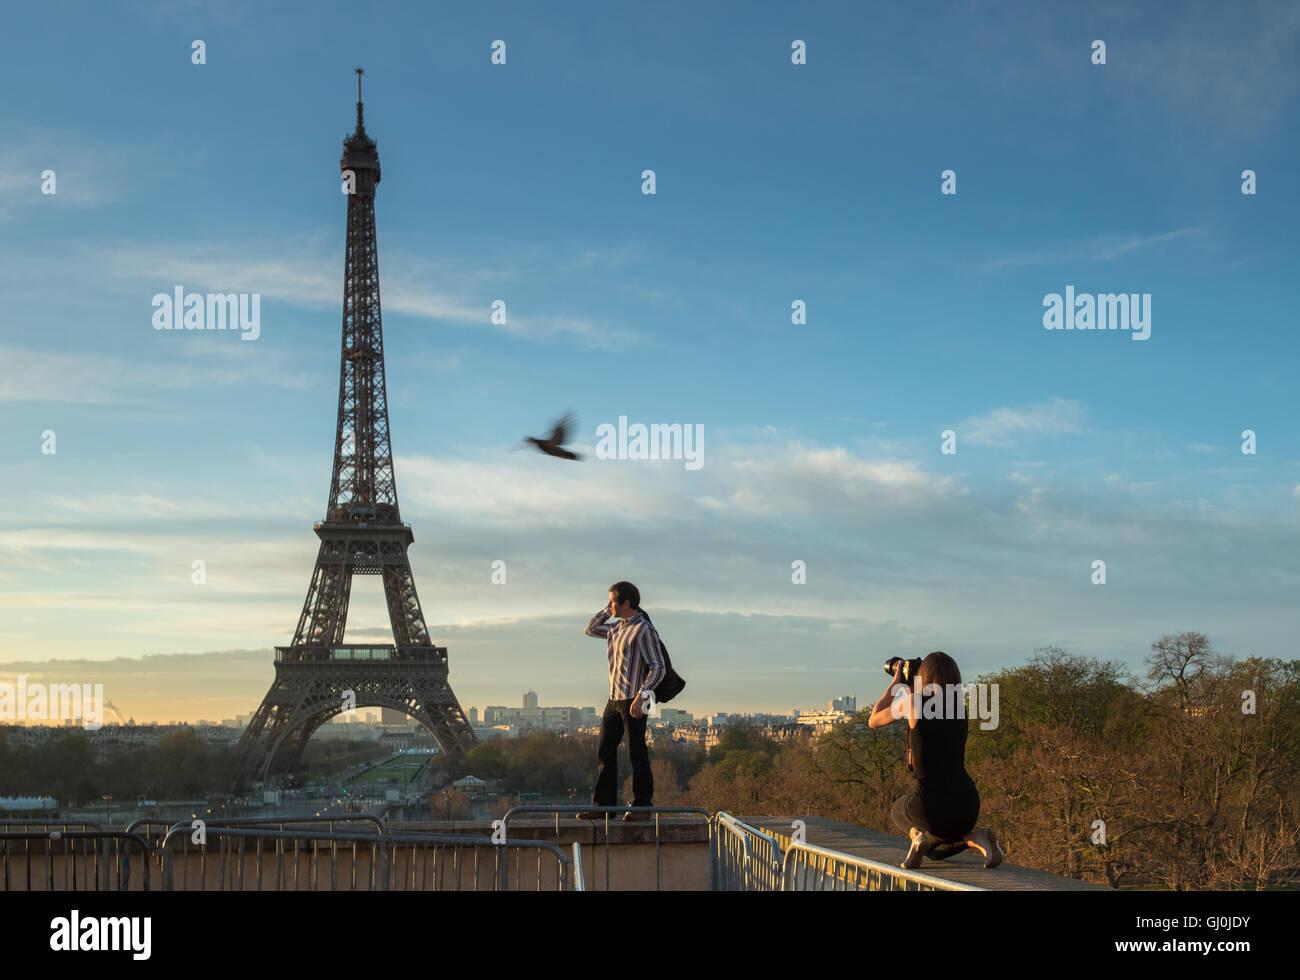 La fotografia di moda e bird presso il Palais de Chaillot con la torre Eiffel come sfondo, Parigi, Francia Immagini Stock